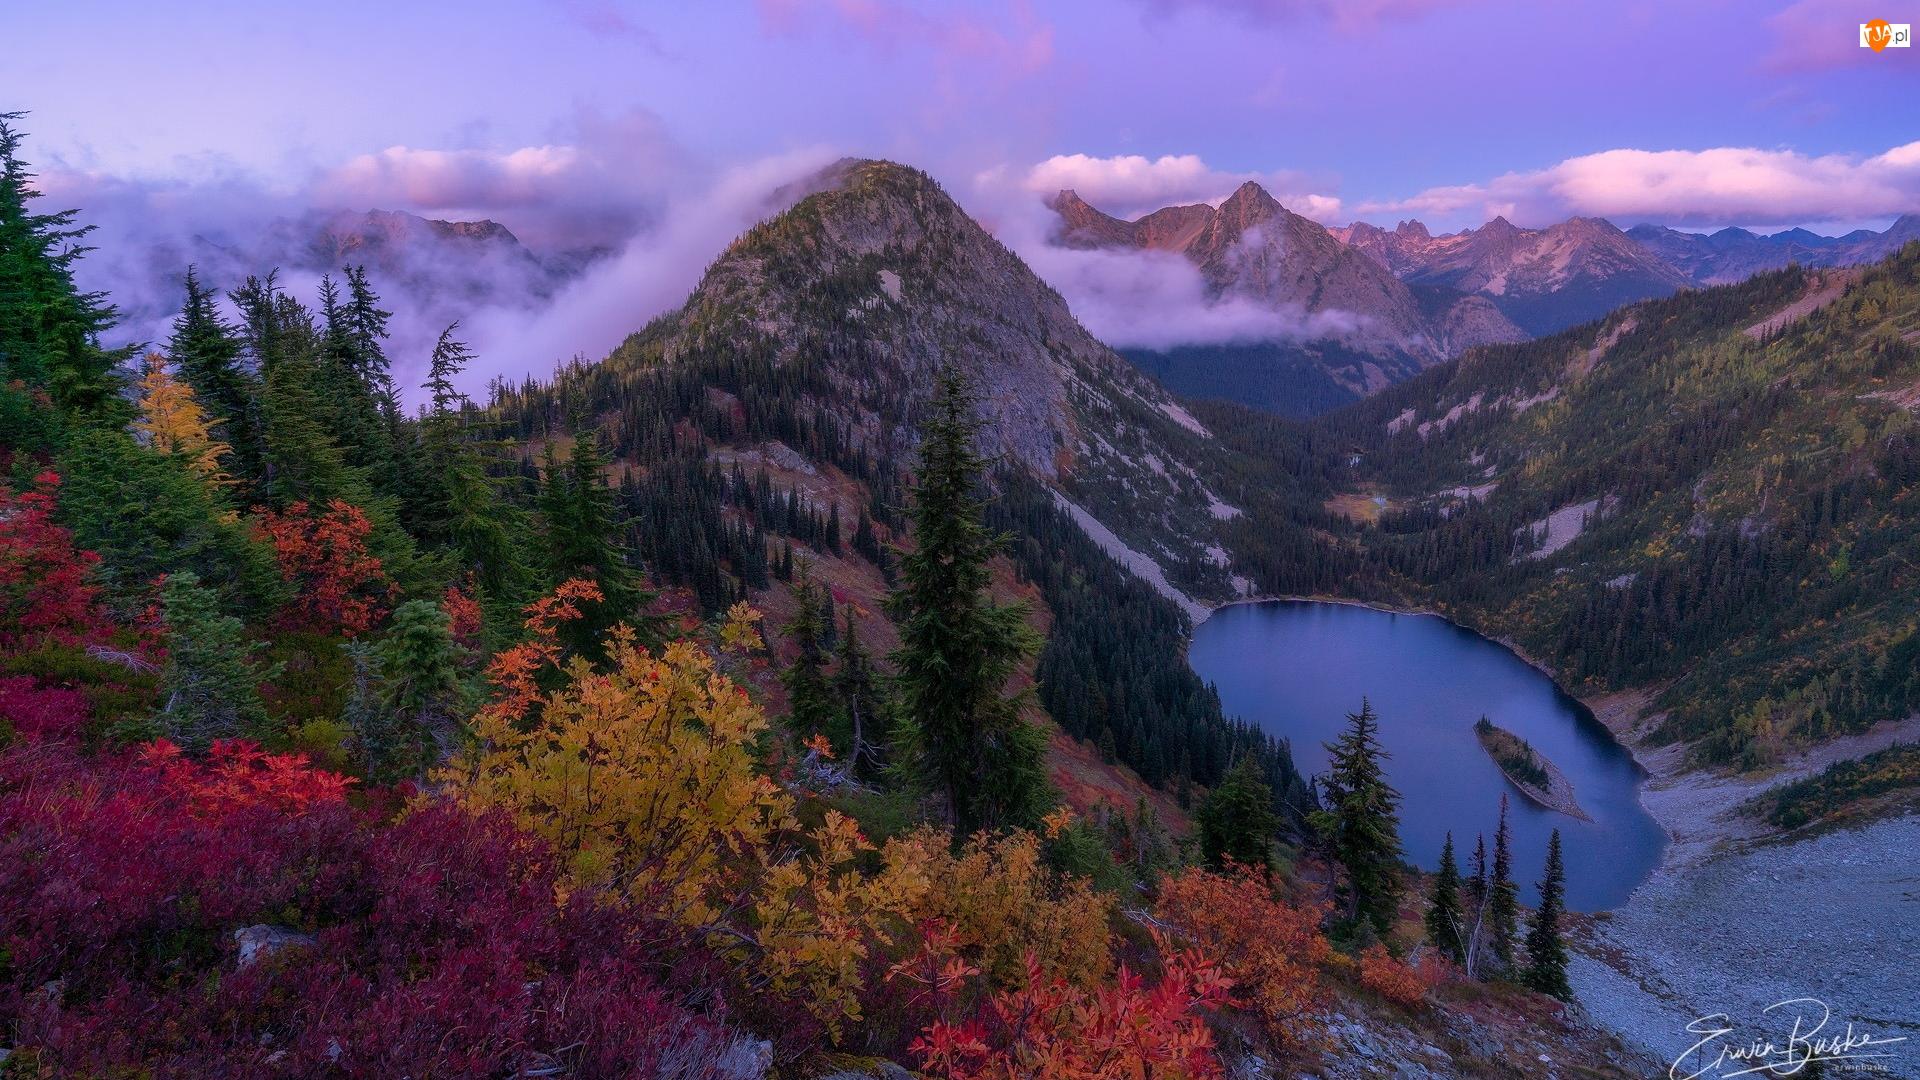 Krzewy, Park Narodowy Północnych Gór Kaskadowych, Drzewa, Stan Waszyngton, Góry, Kolorowe, Stany Zjednoczone, Jezioro